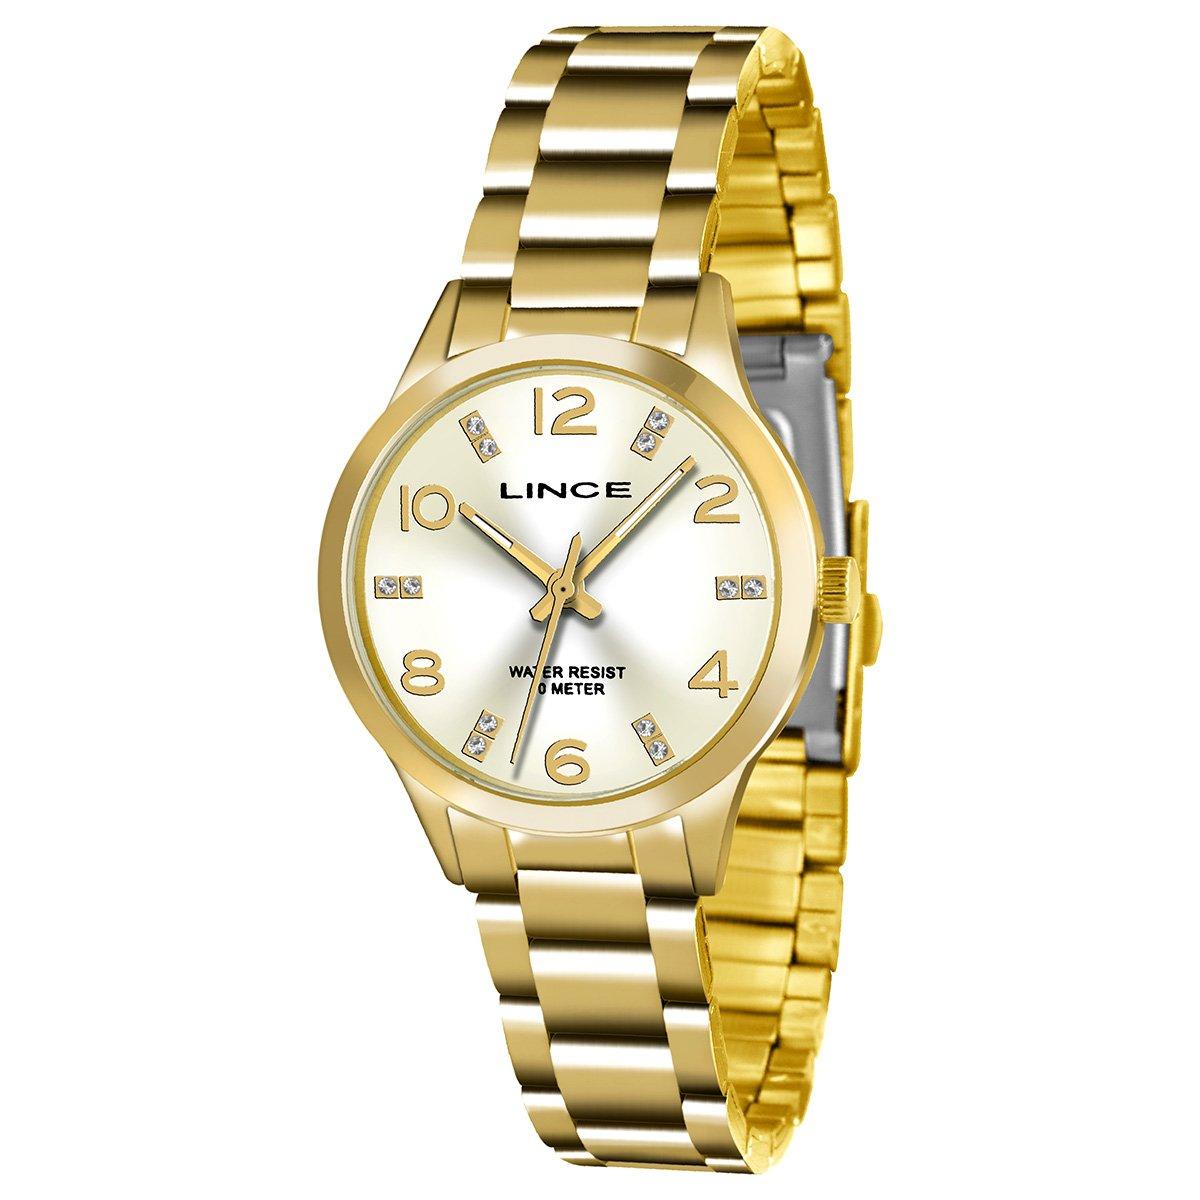 8c71fe3da30 Relógio Lince Analógico LRGH025L-C2KX Feminino - Compre Agora